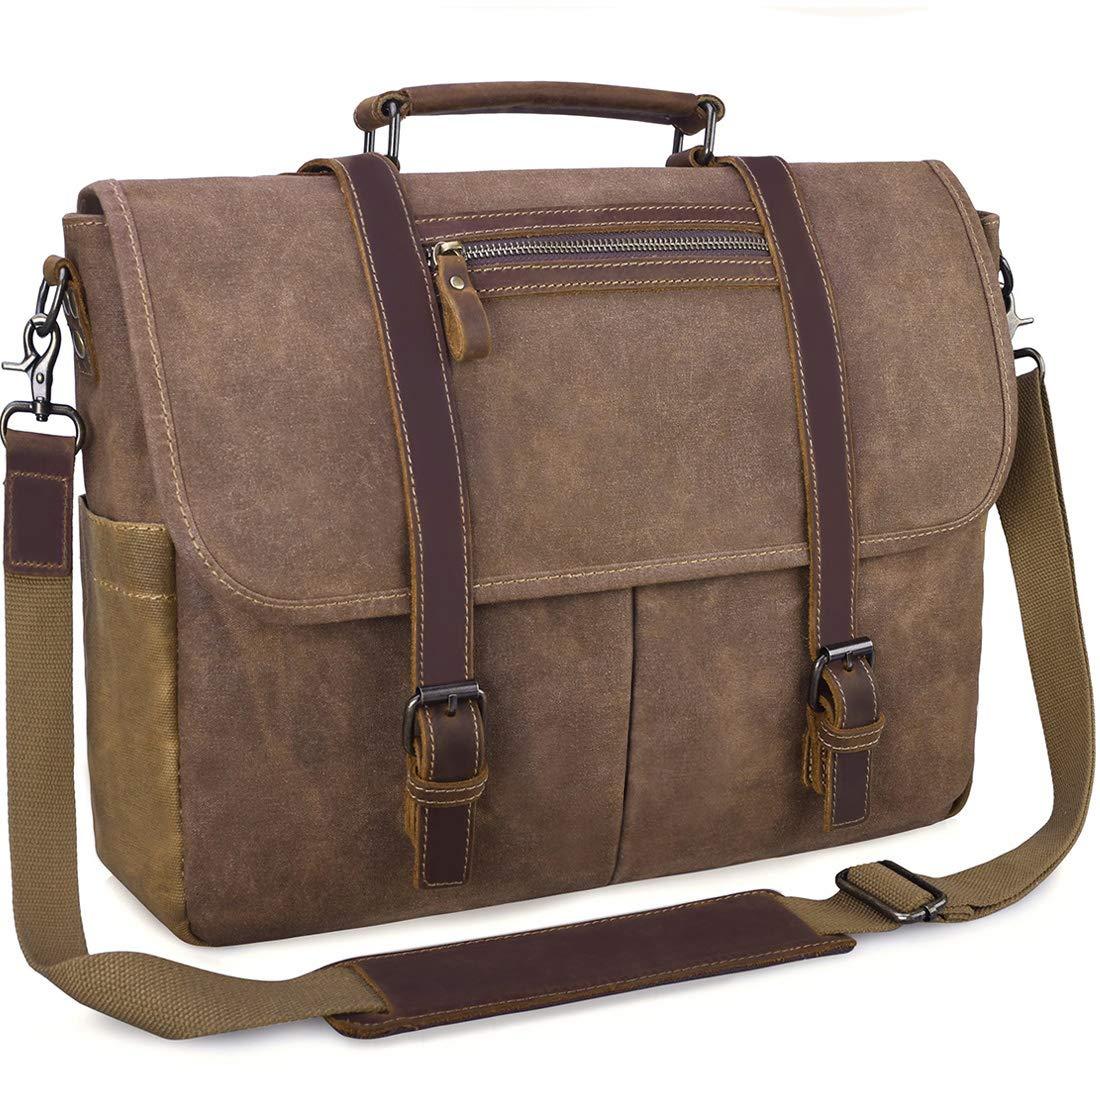 6bf00a3a1b3d Mens Laptop Messenger Bag Waterproof Computer Leather Satchel Briefcases  Vintage Canvas Shoulder Bag Large Work Bag Brown 15.6 inch